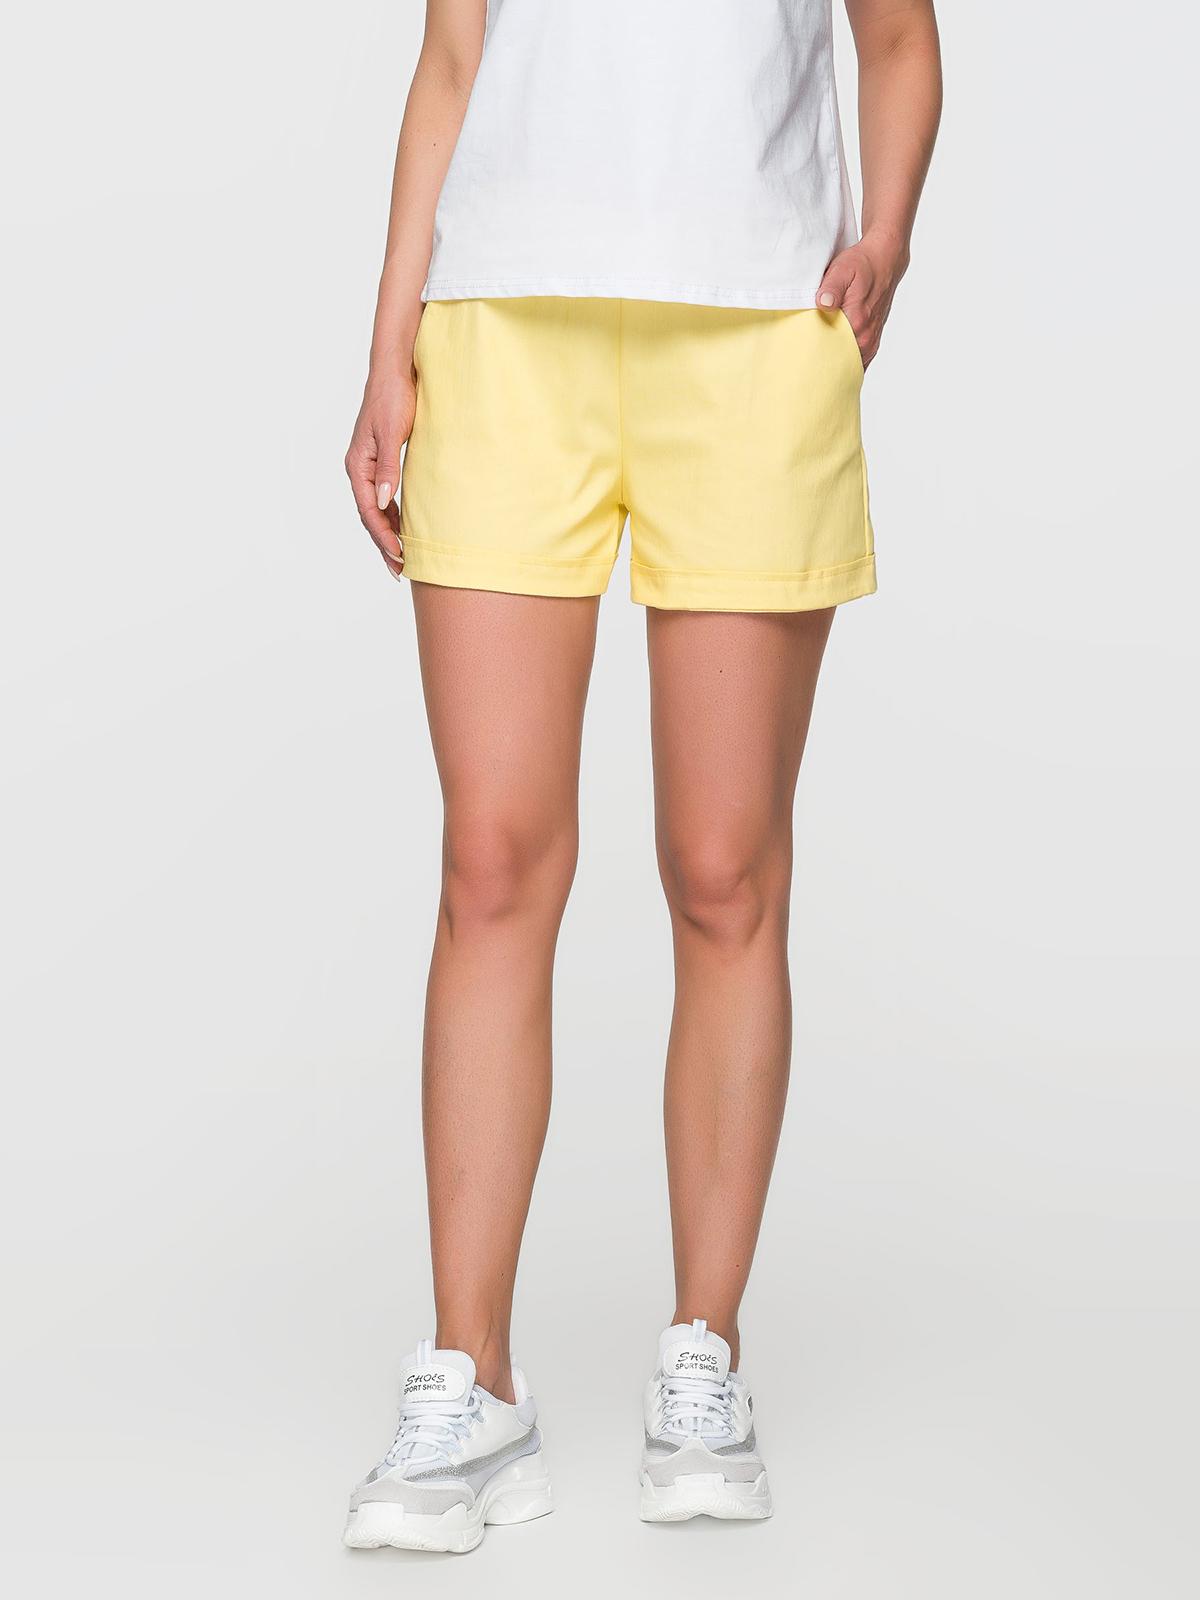 подходит желтые шорты женские фото используют сайт лавпланет